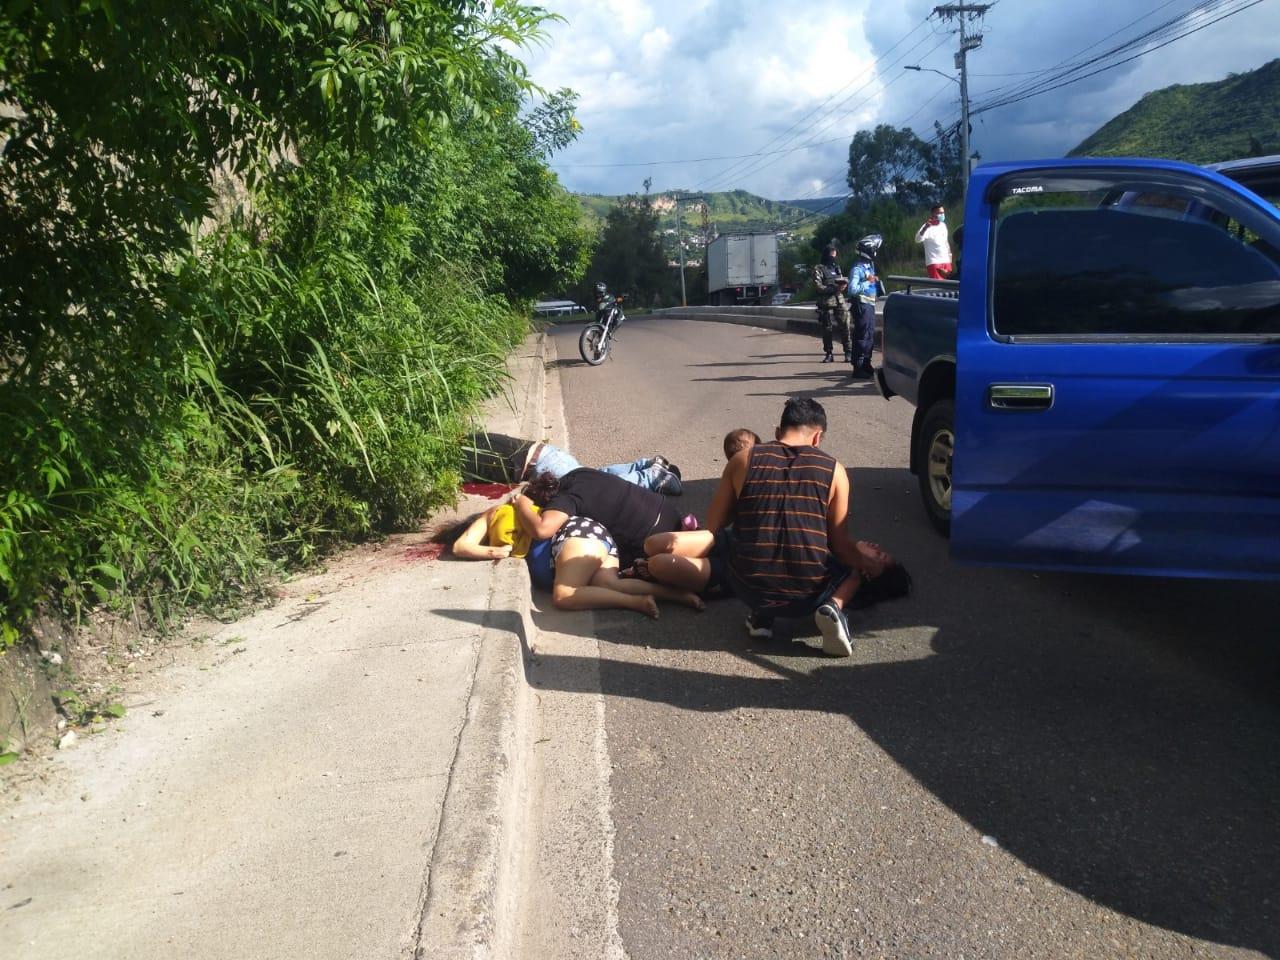 De varios impactos de bala asesinan a dos personas en el Anillo Periférico de la capital